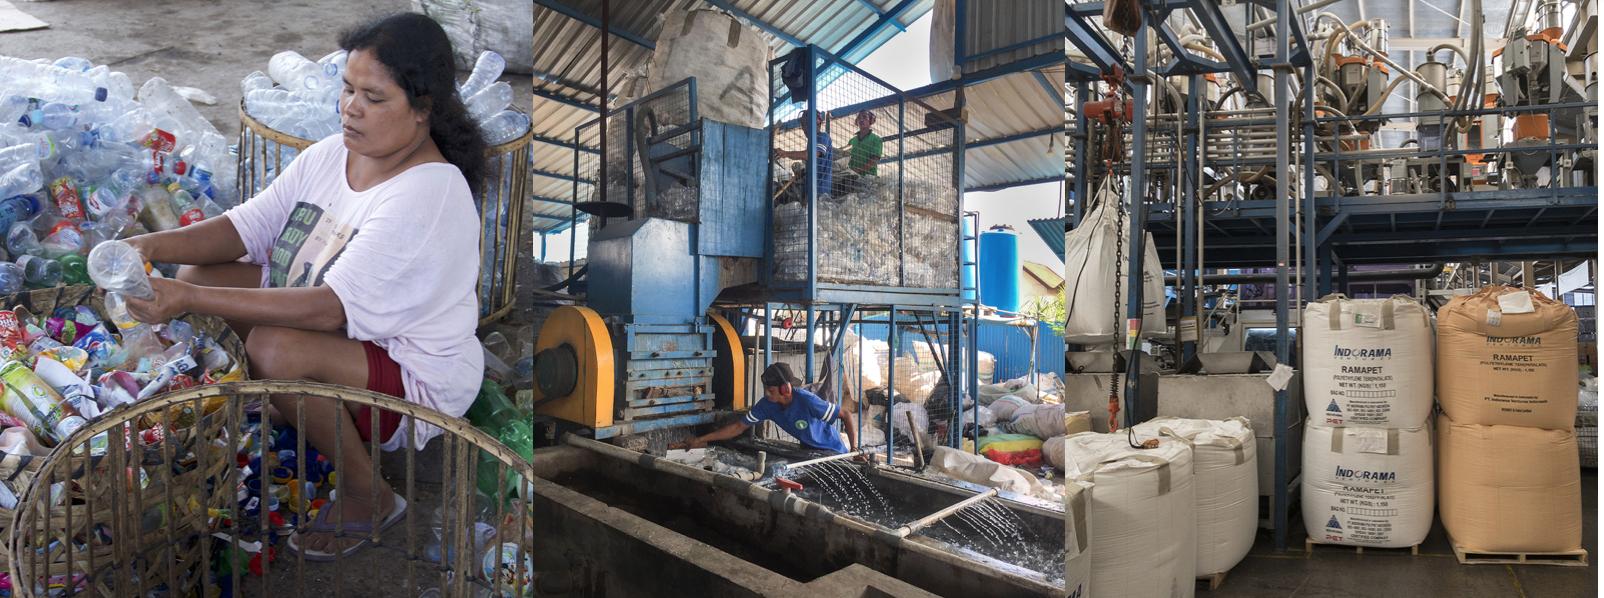 plastic pollution indonesia